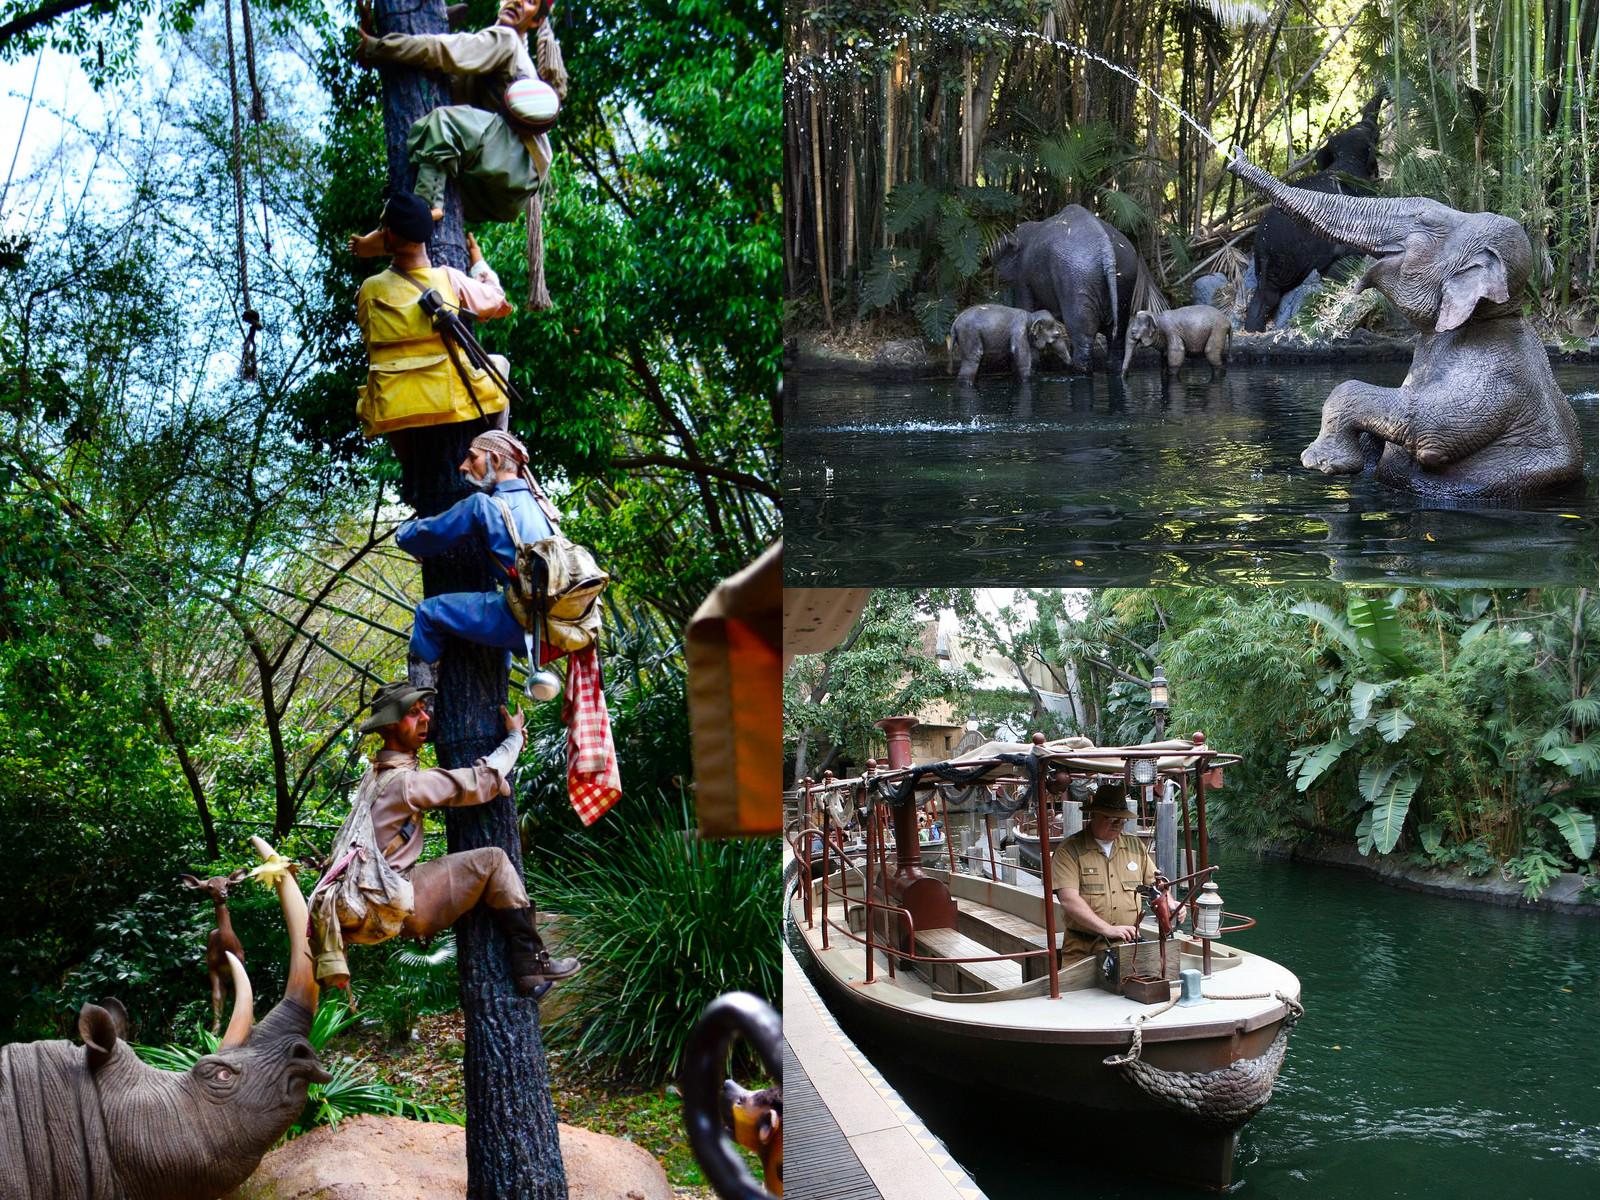 Alcune foto dell'attrazione Jungle cruise